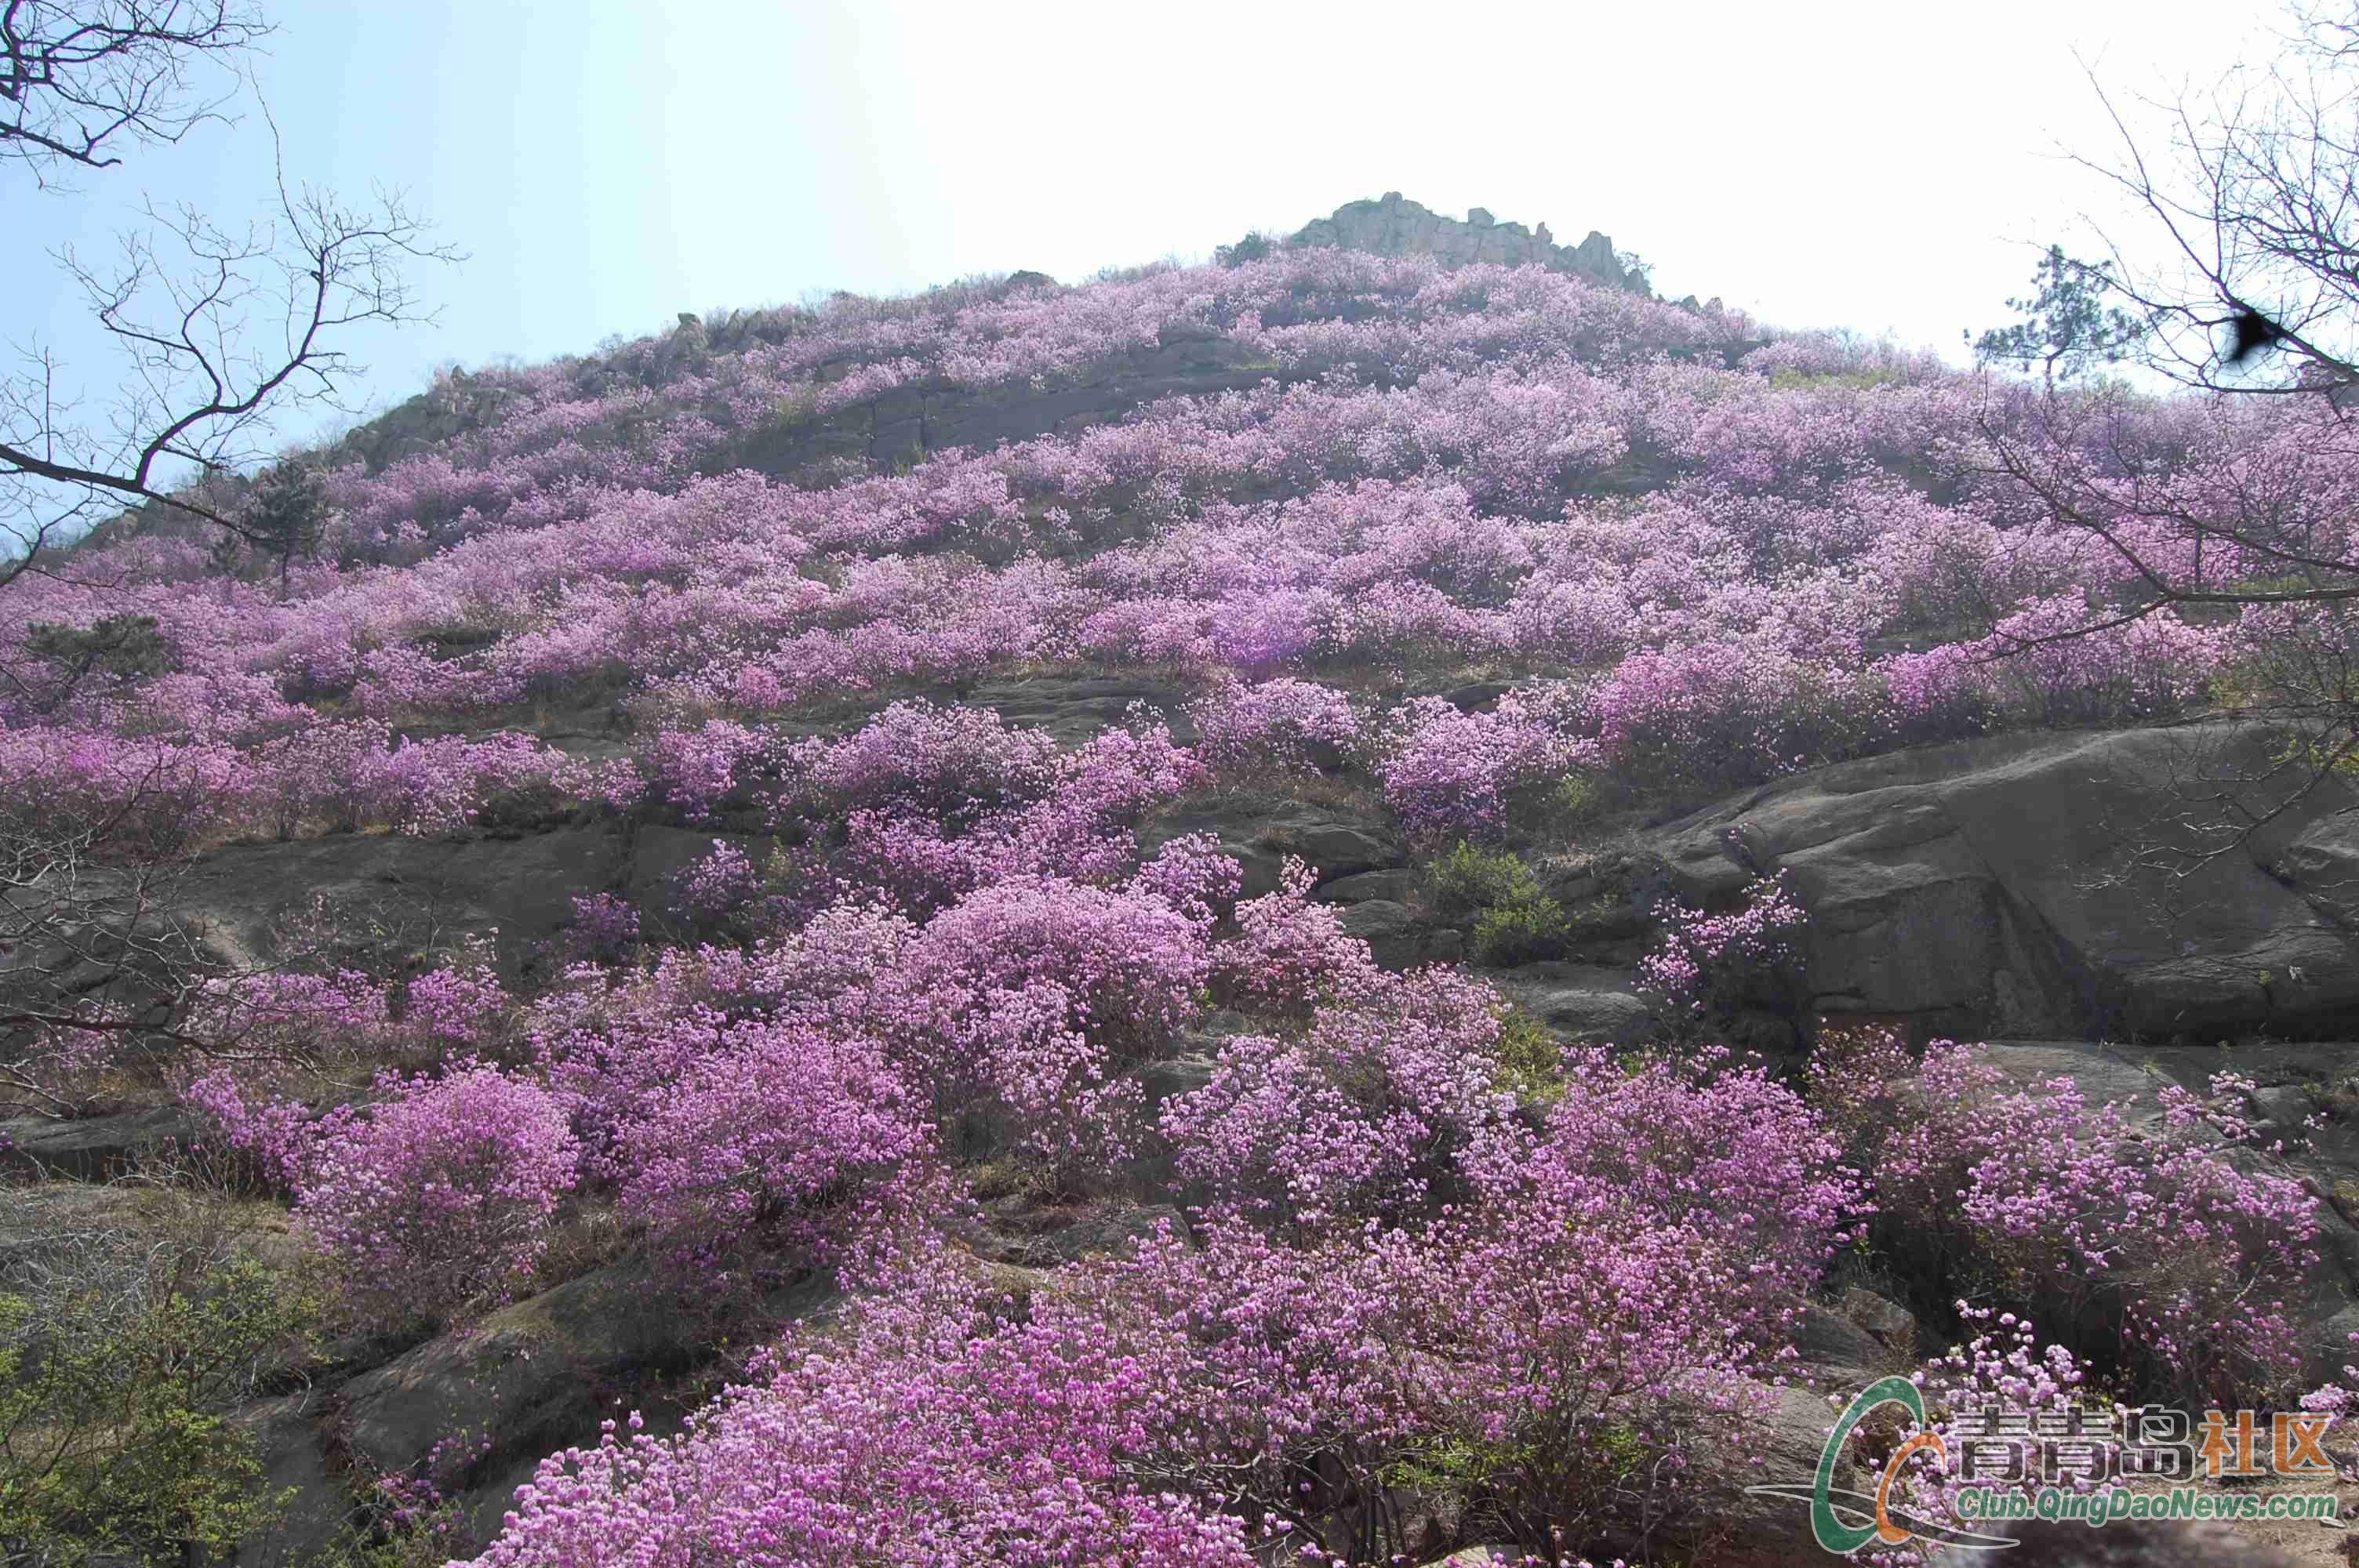 【摄影】胶南大珠山杜鹃花会